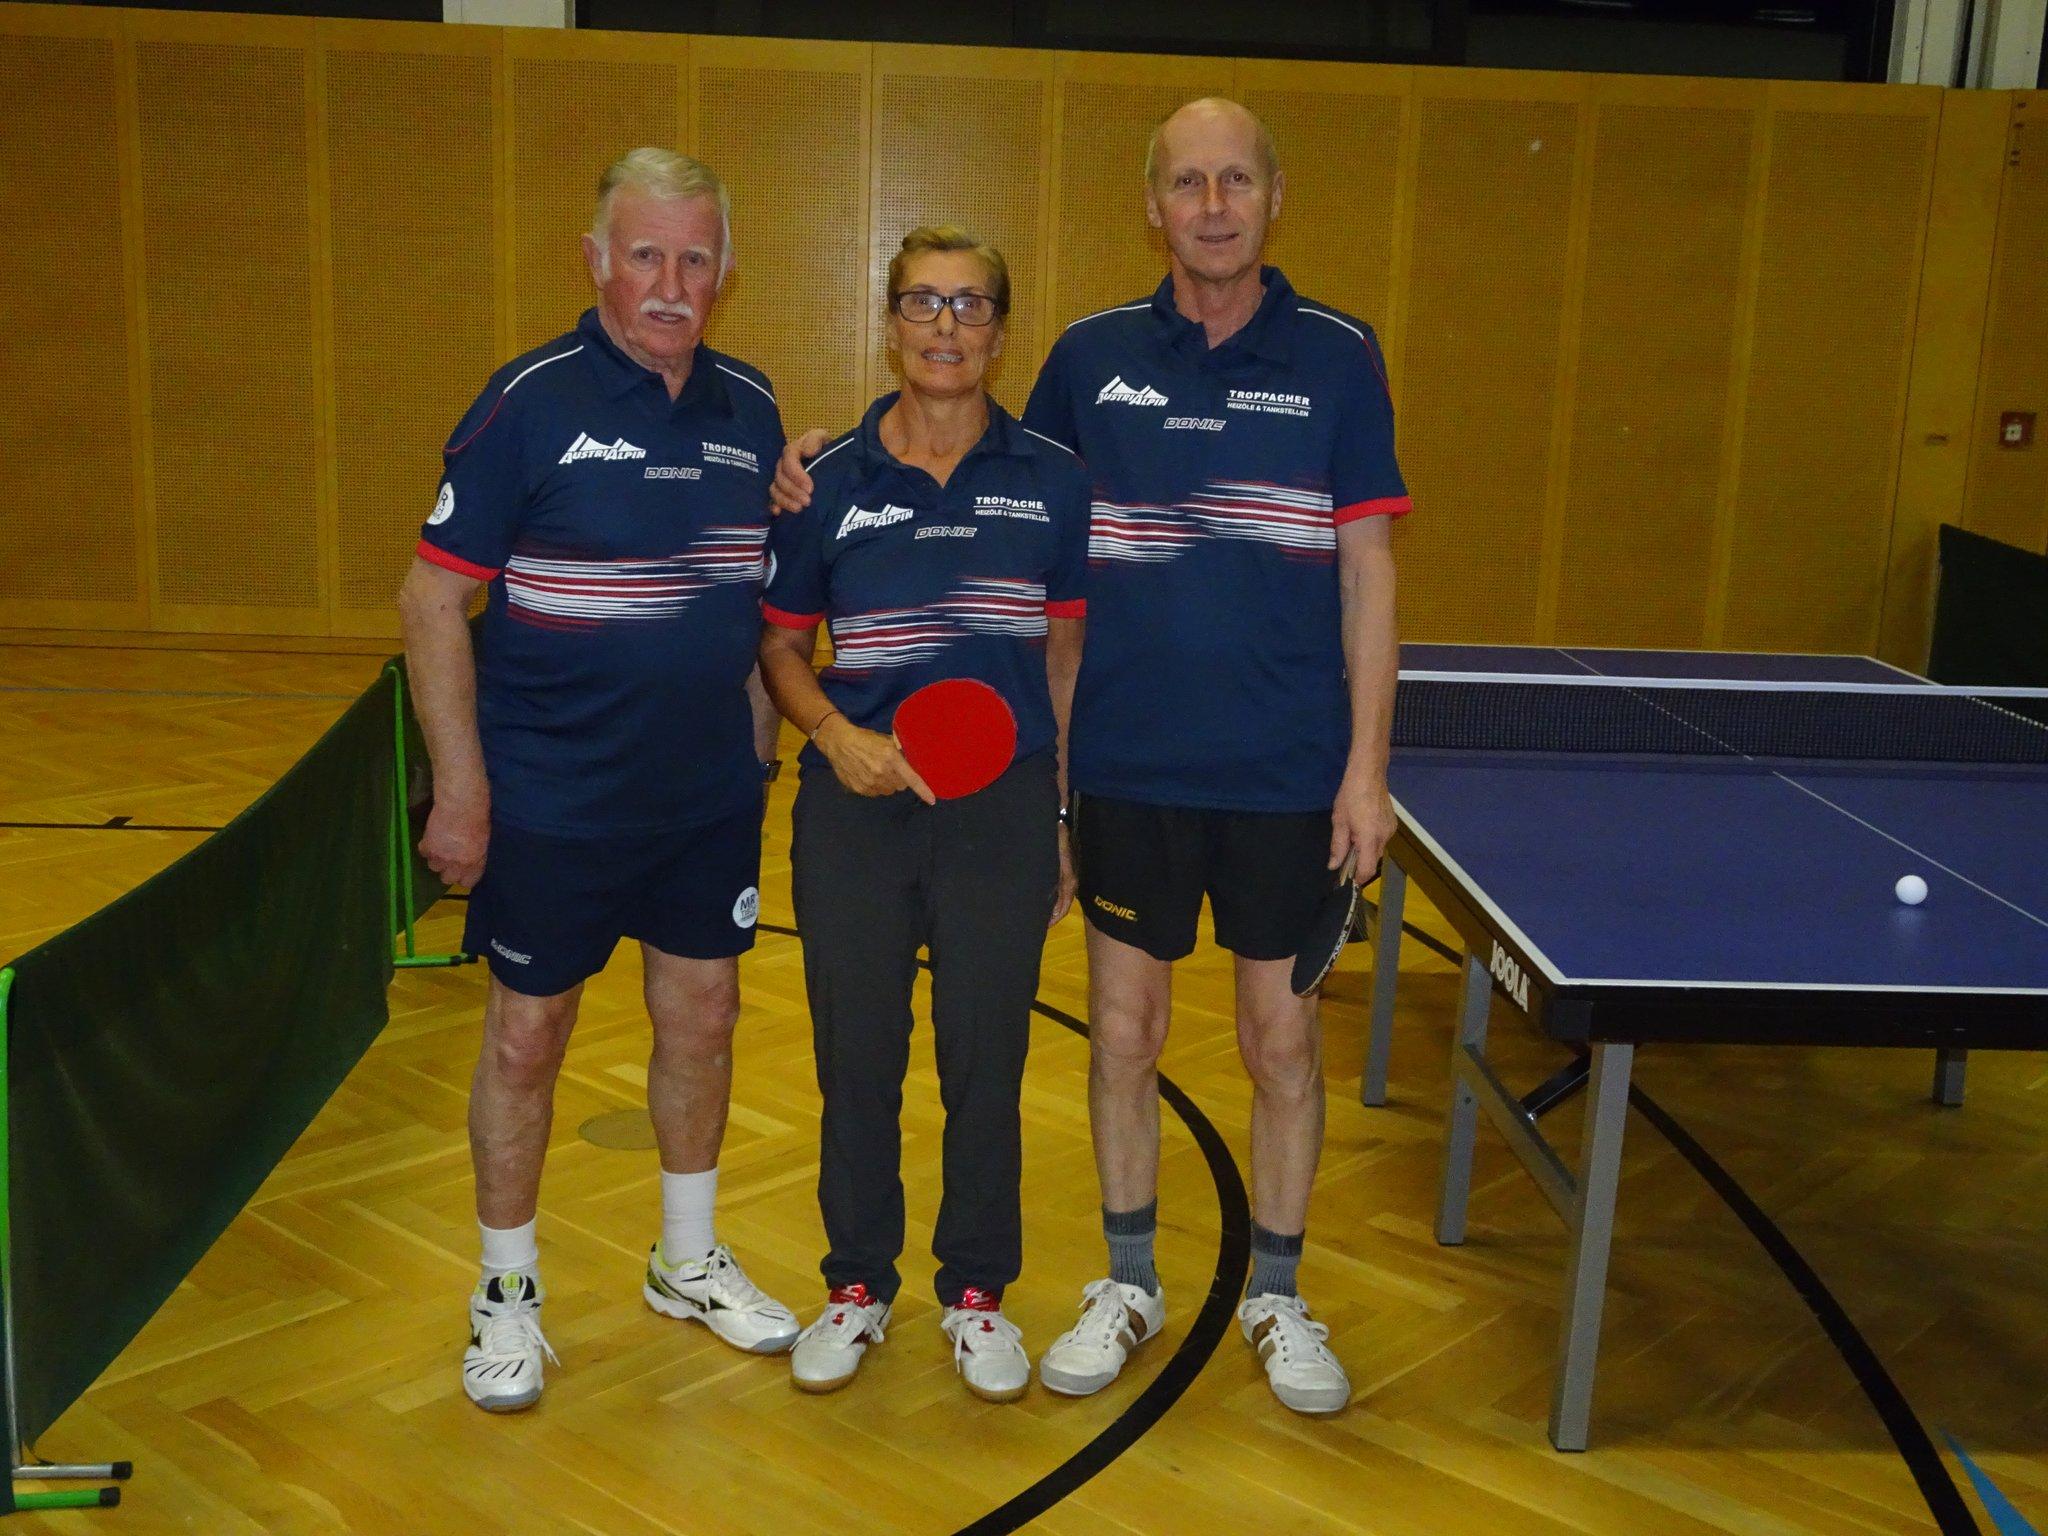 v.l. Heinz Leitgeb,Barbara Obernosterer und Karl Troger spielen für den TSV AustriAlpin Fulpmes im Tiroler Landesliga Abstiegs-Play-Off